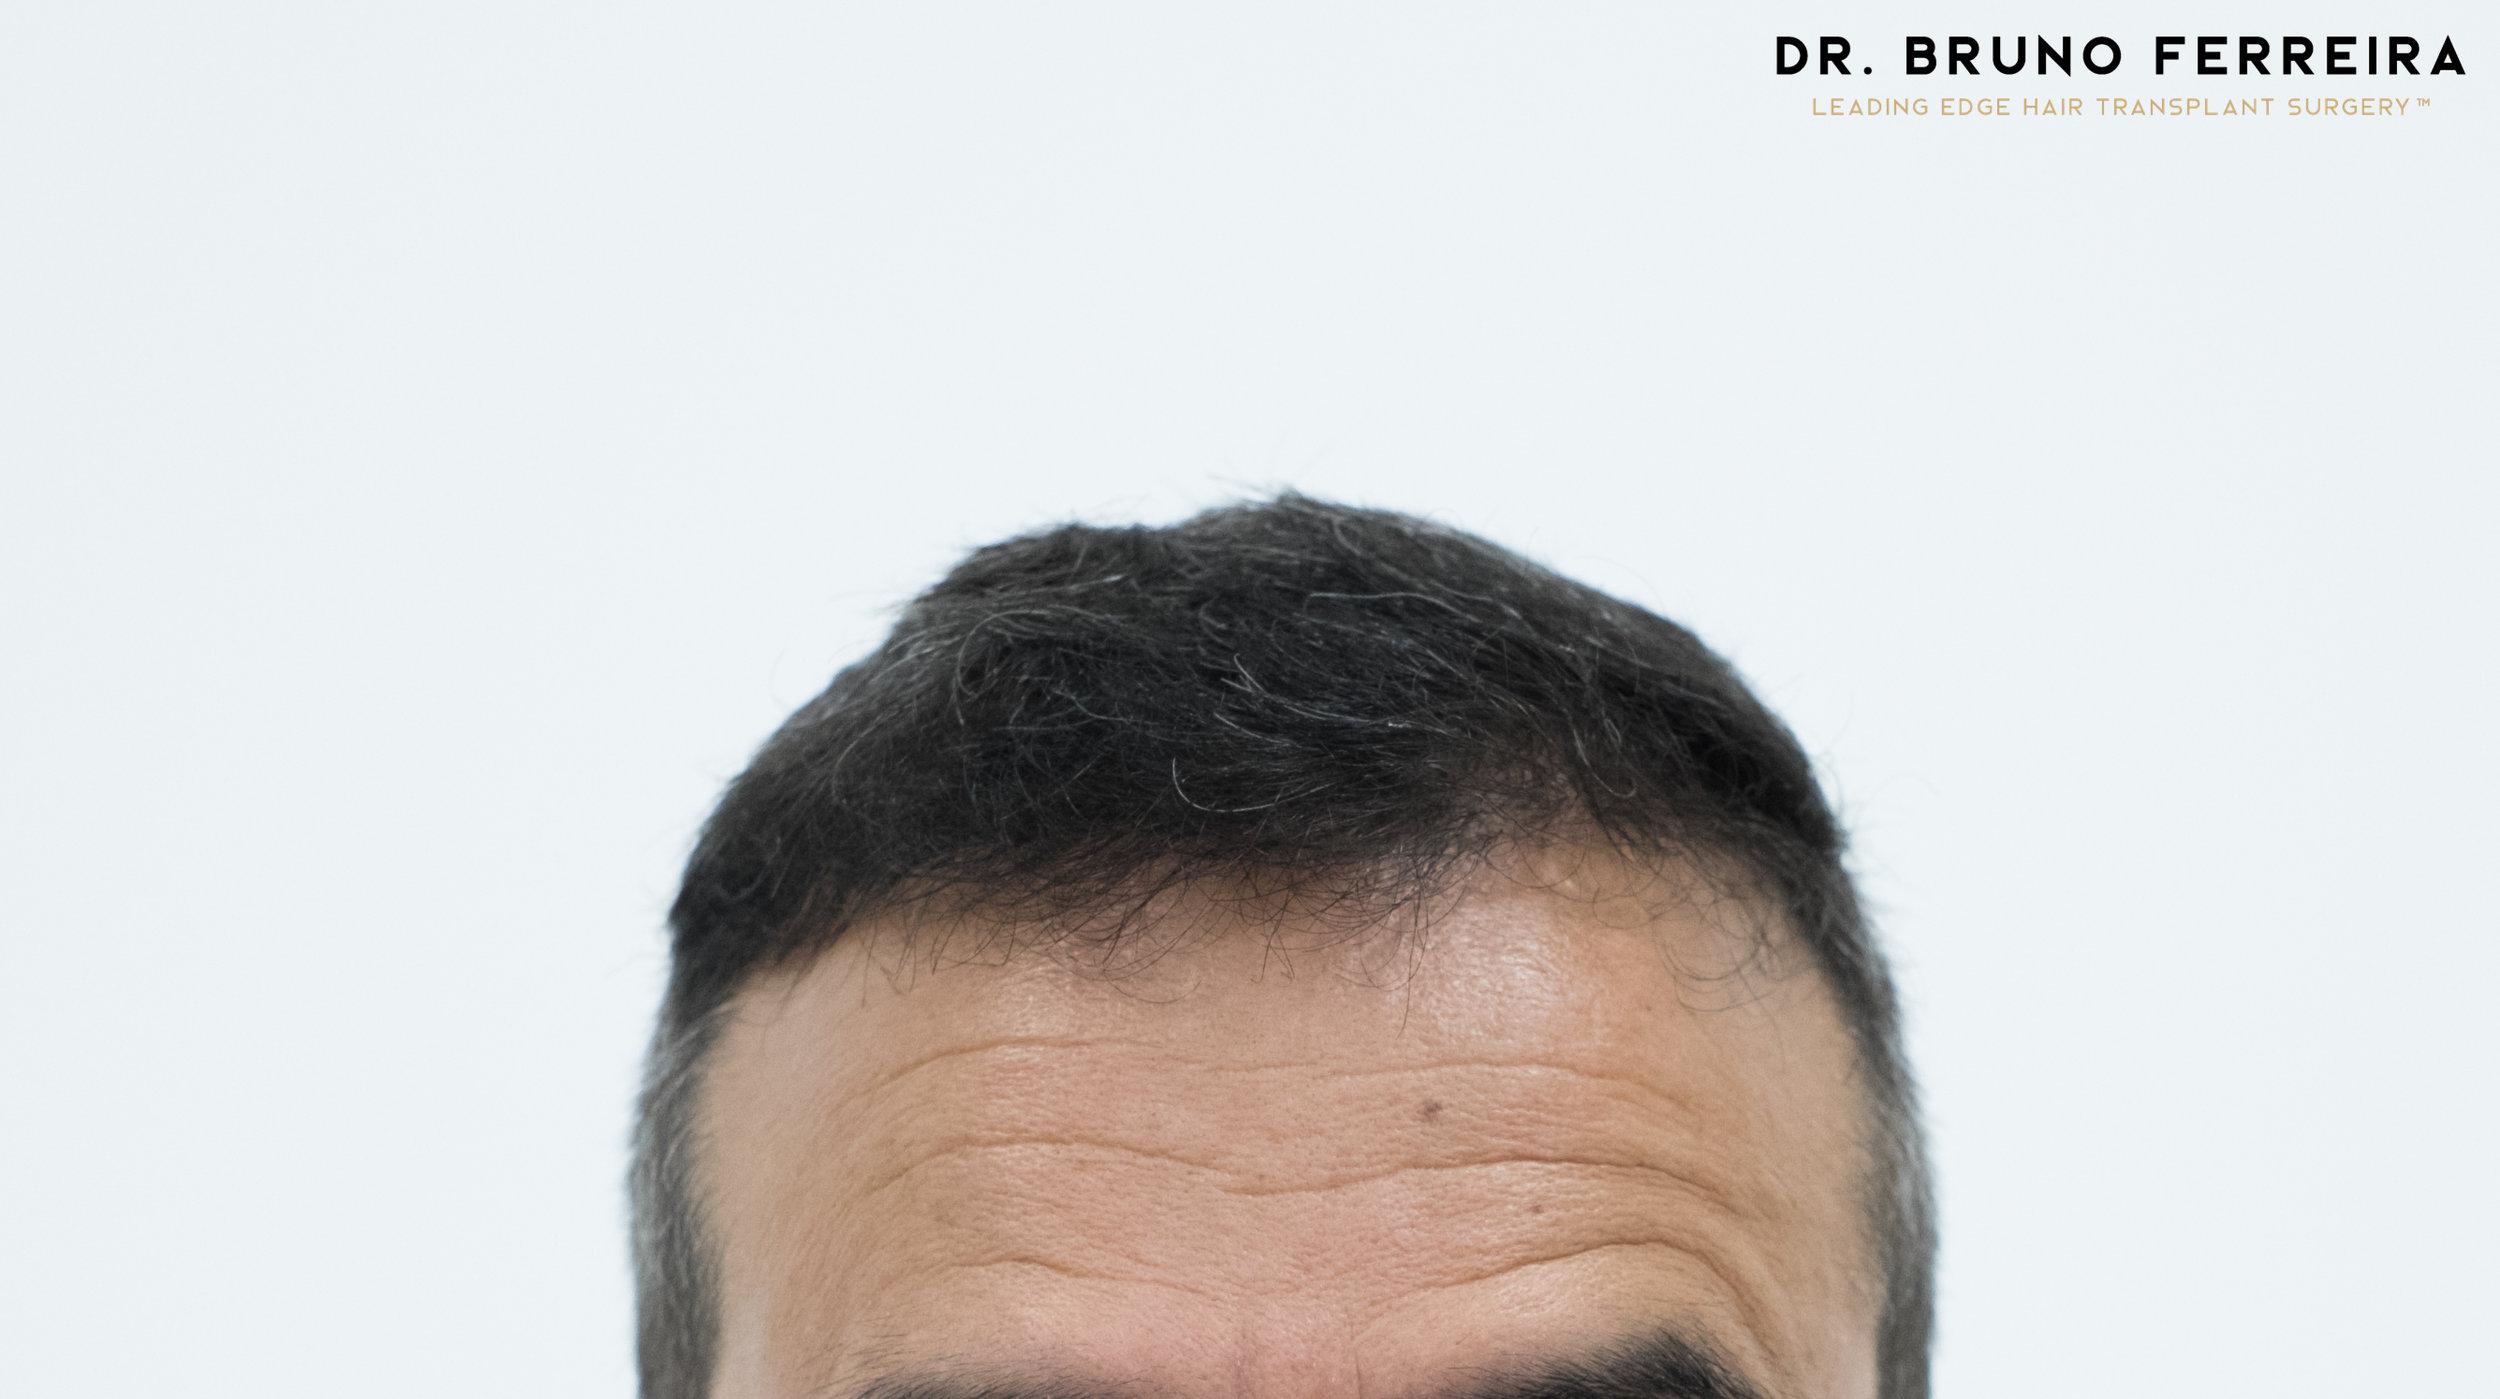 00016 DR. BRUNO FERREIRA (Case 1) - 8 months - 1.jpg